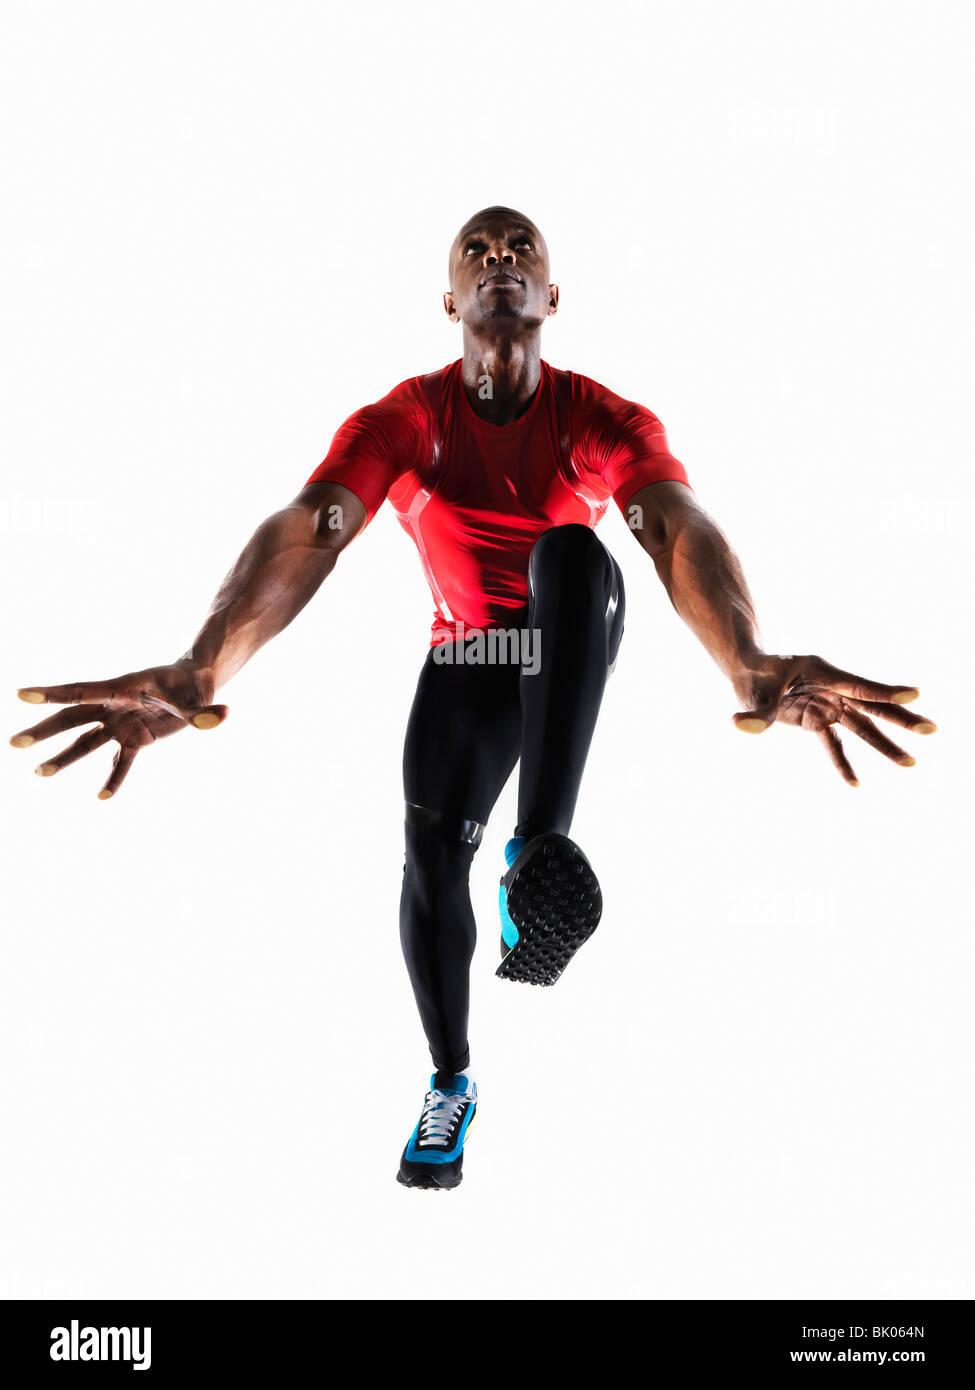 Athlète masculin de la préparation de l'exécution Photo Stock